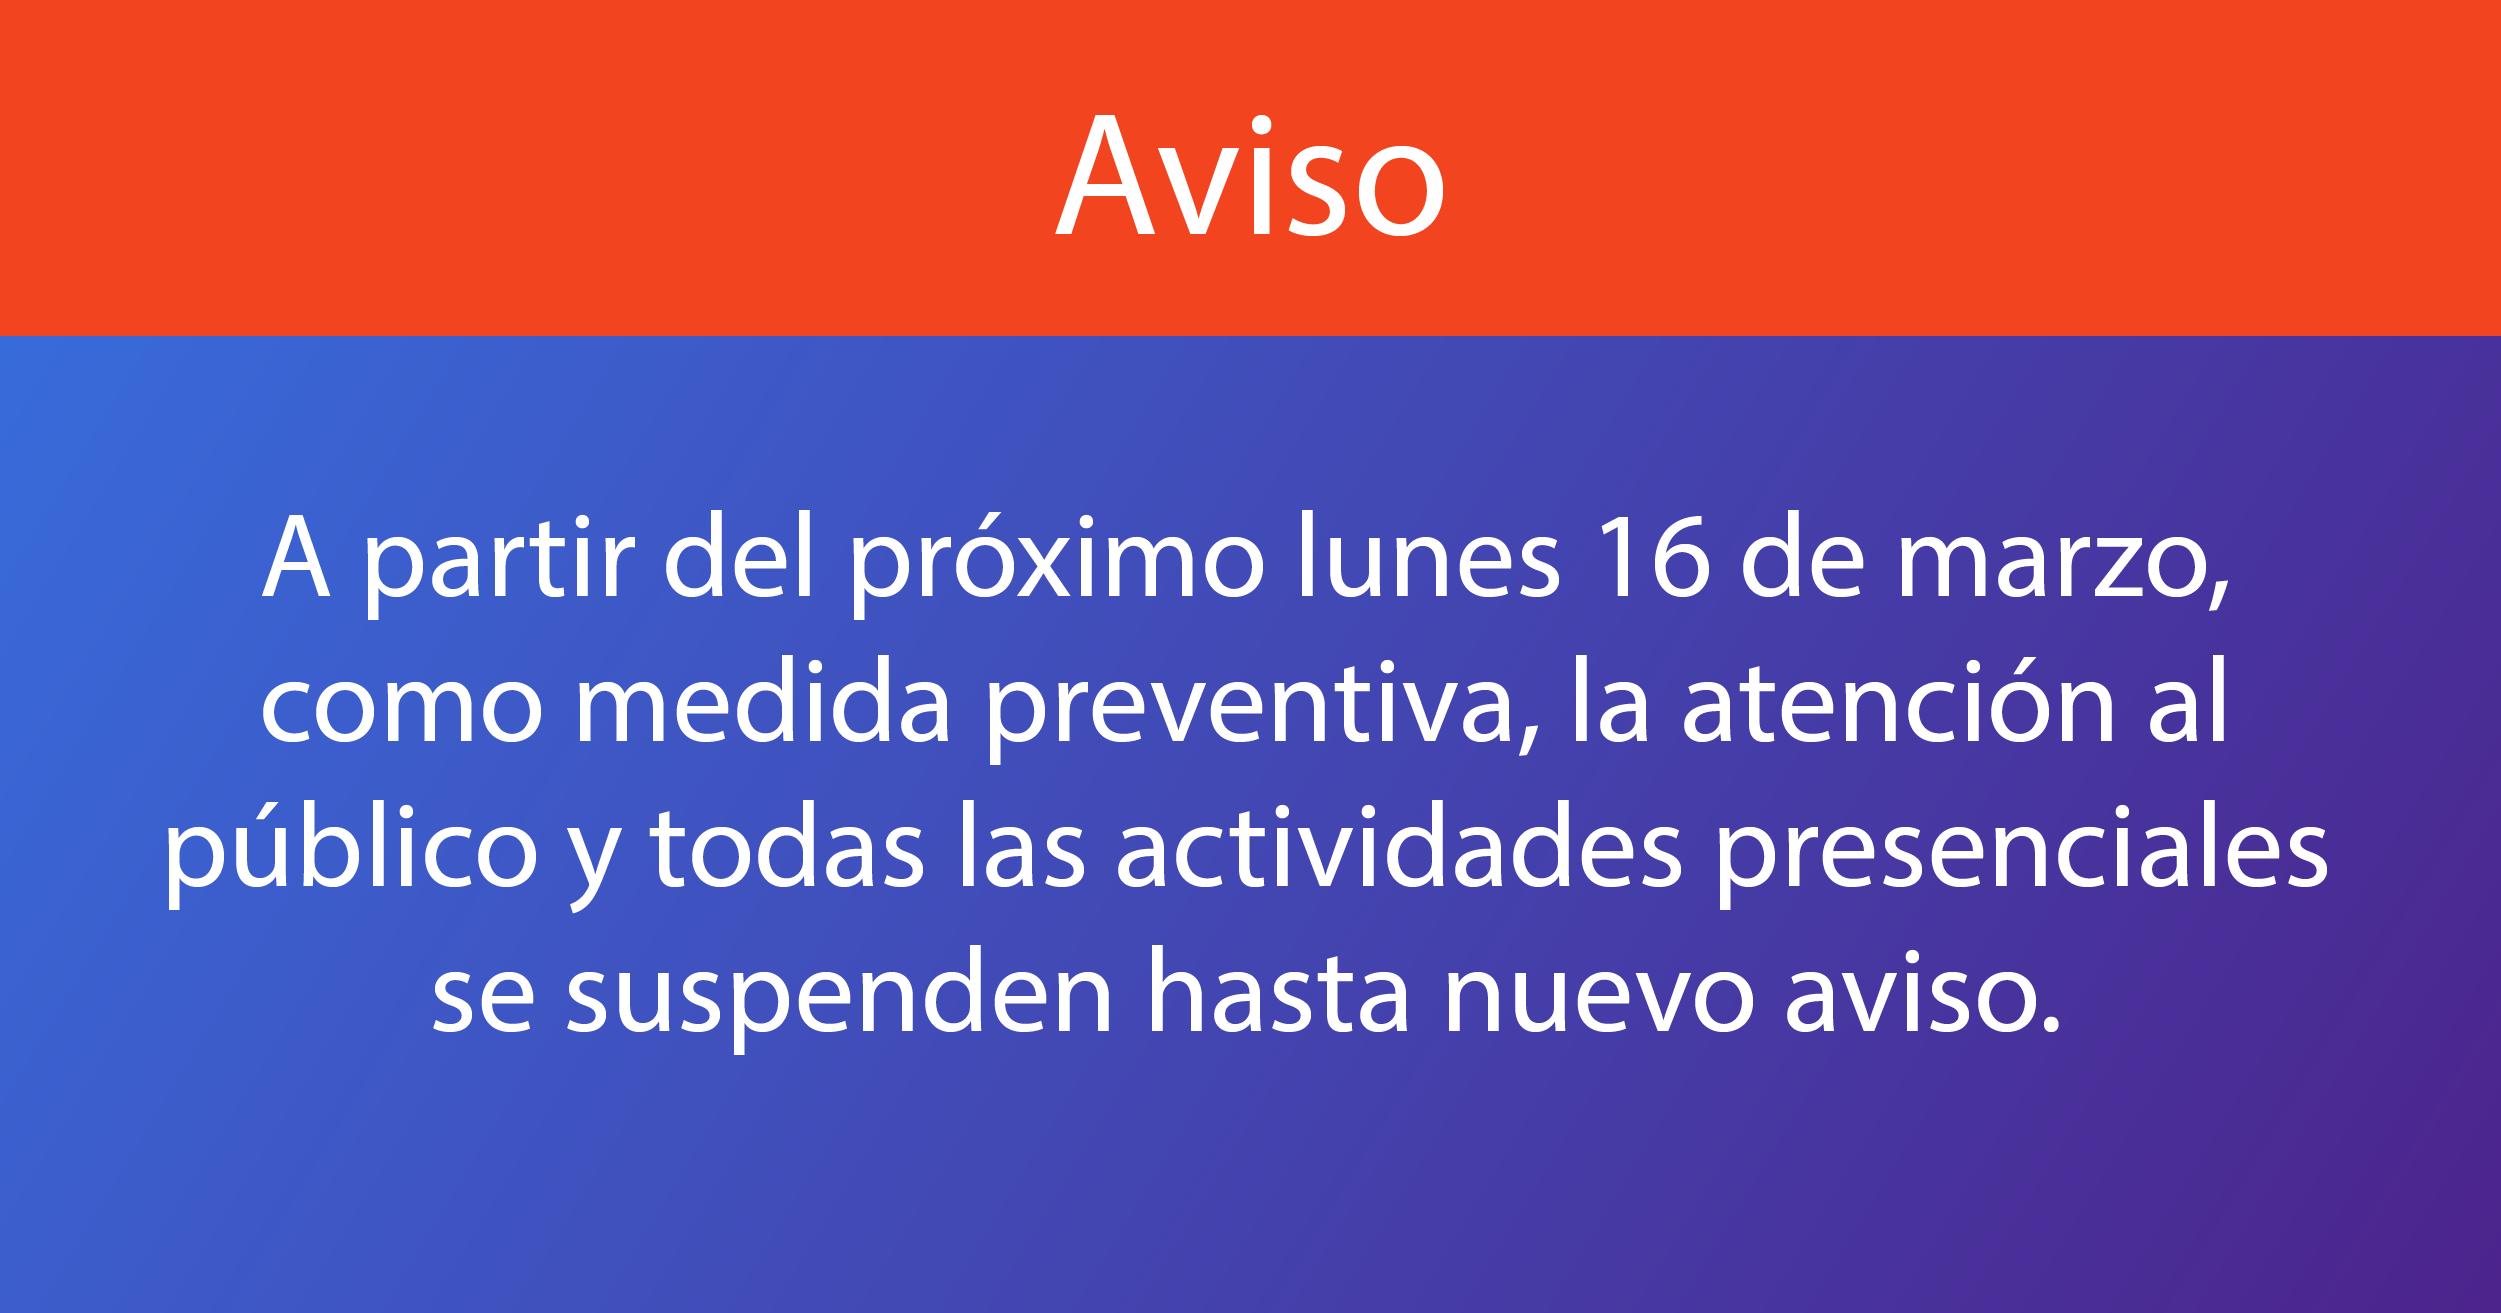 Aviso de suspensión de actividades presenciales.